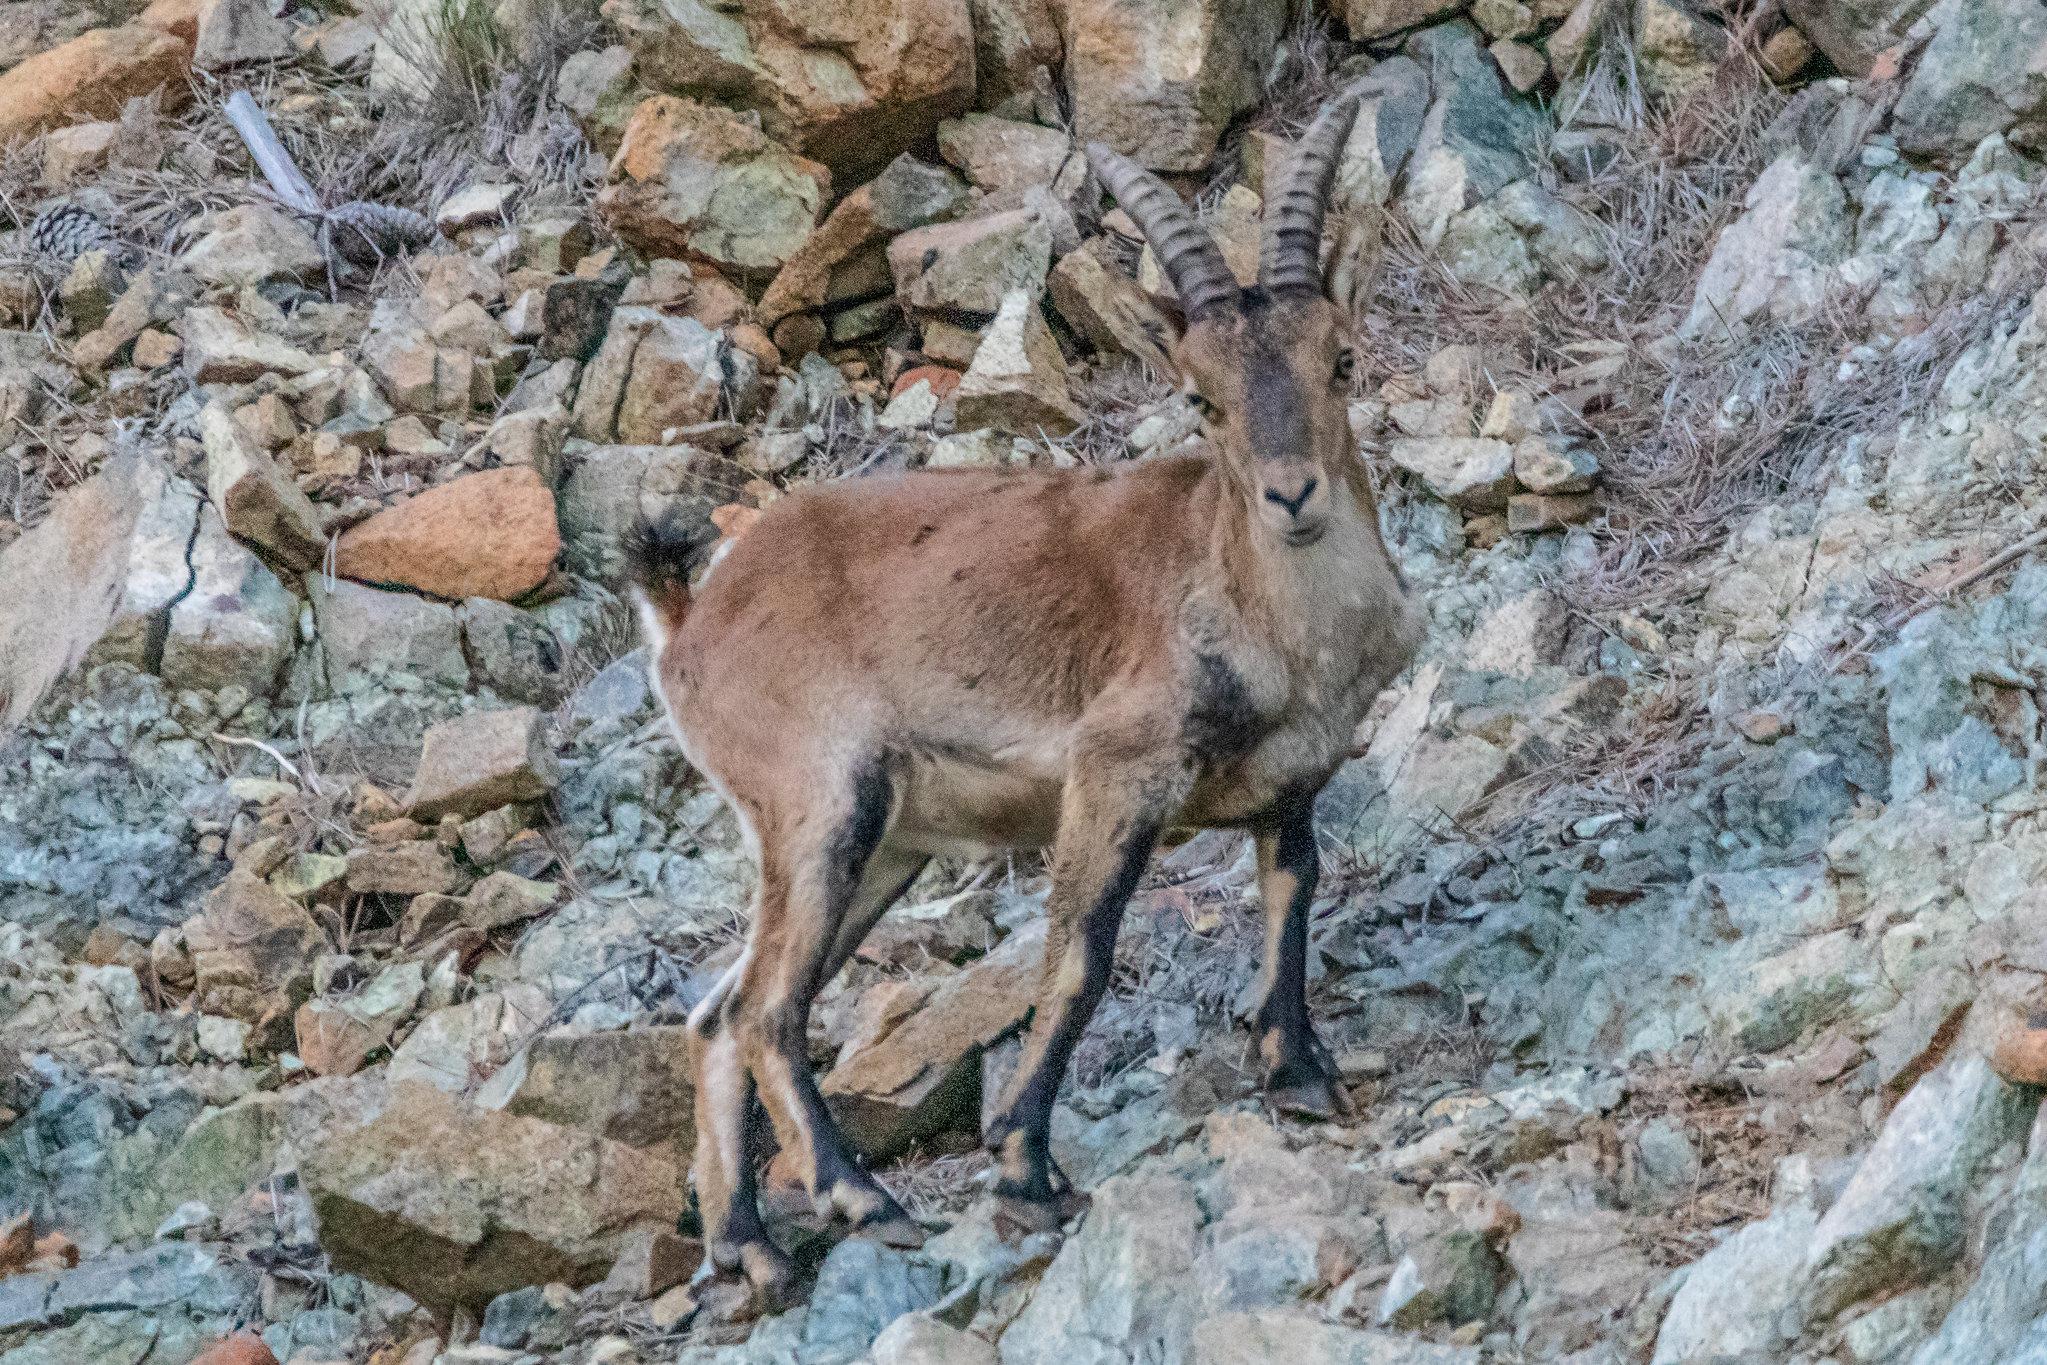 Fotos de animales de todo tipo incluyendo mascotas que más te gustan - Página 12 45735360621_24b7f1b4f8_k